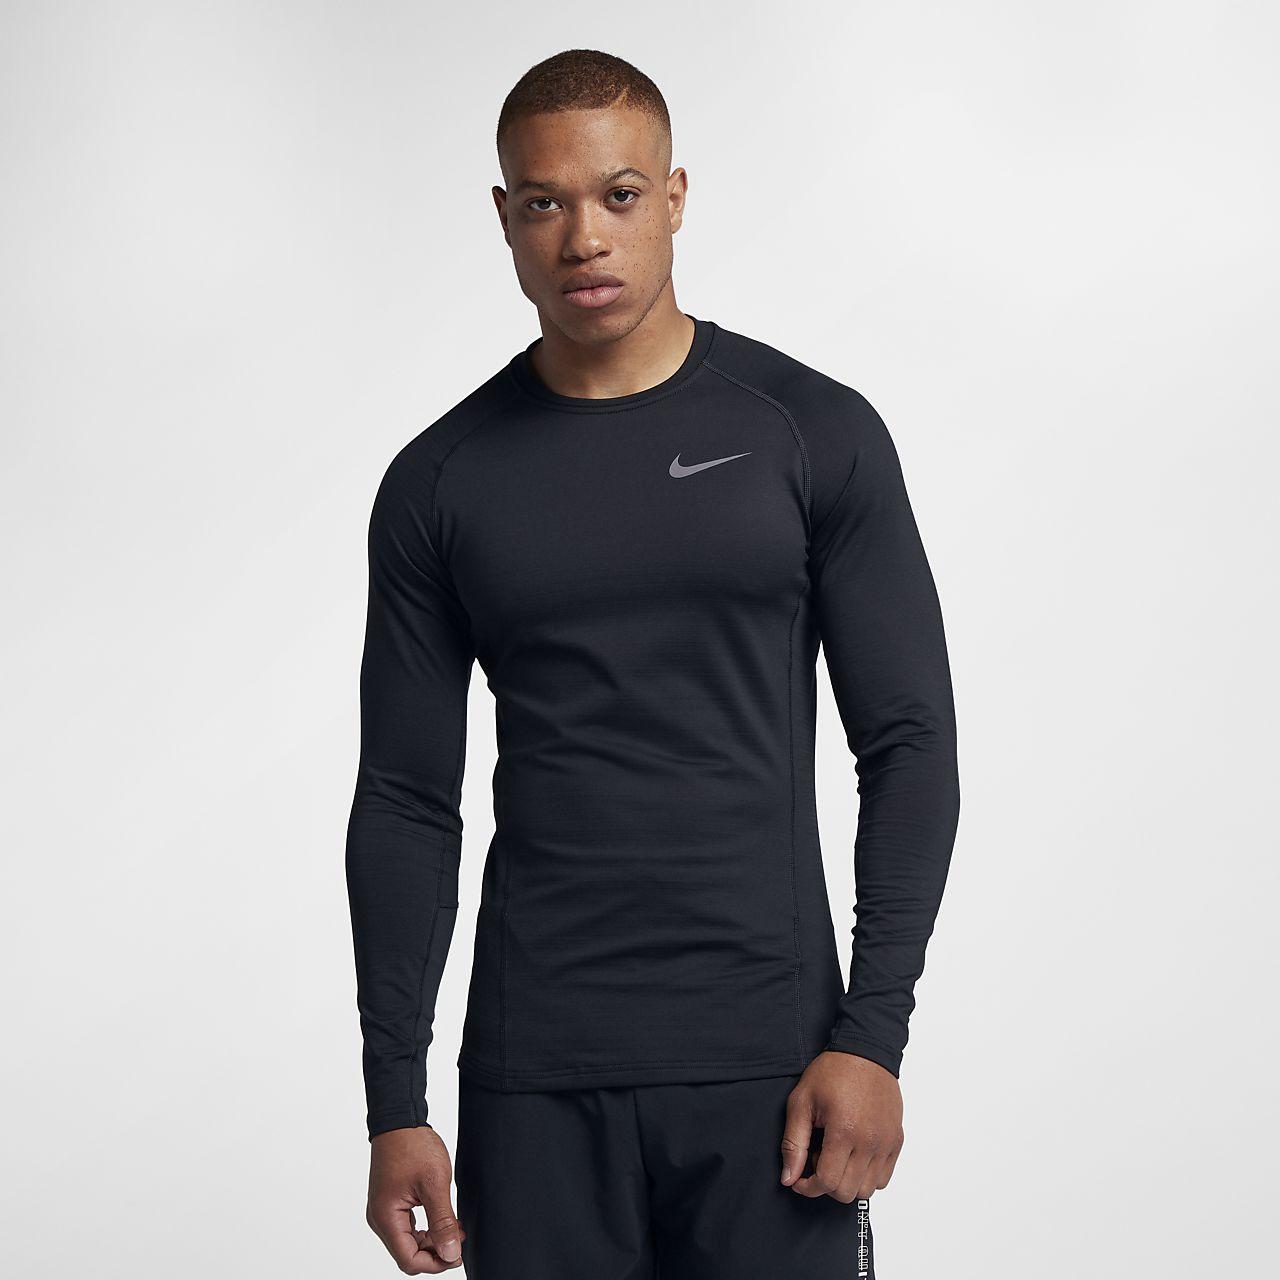 Męska koszulka treningowa z długim rękawem Nike Pro Warm